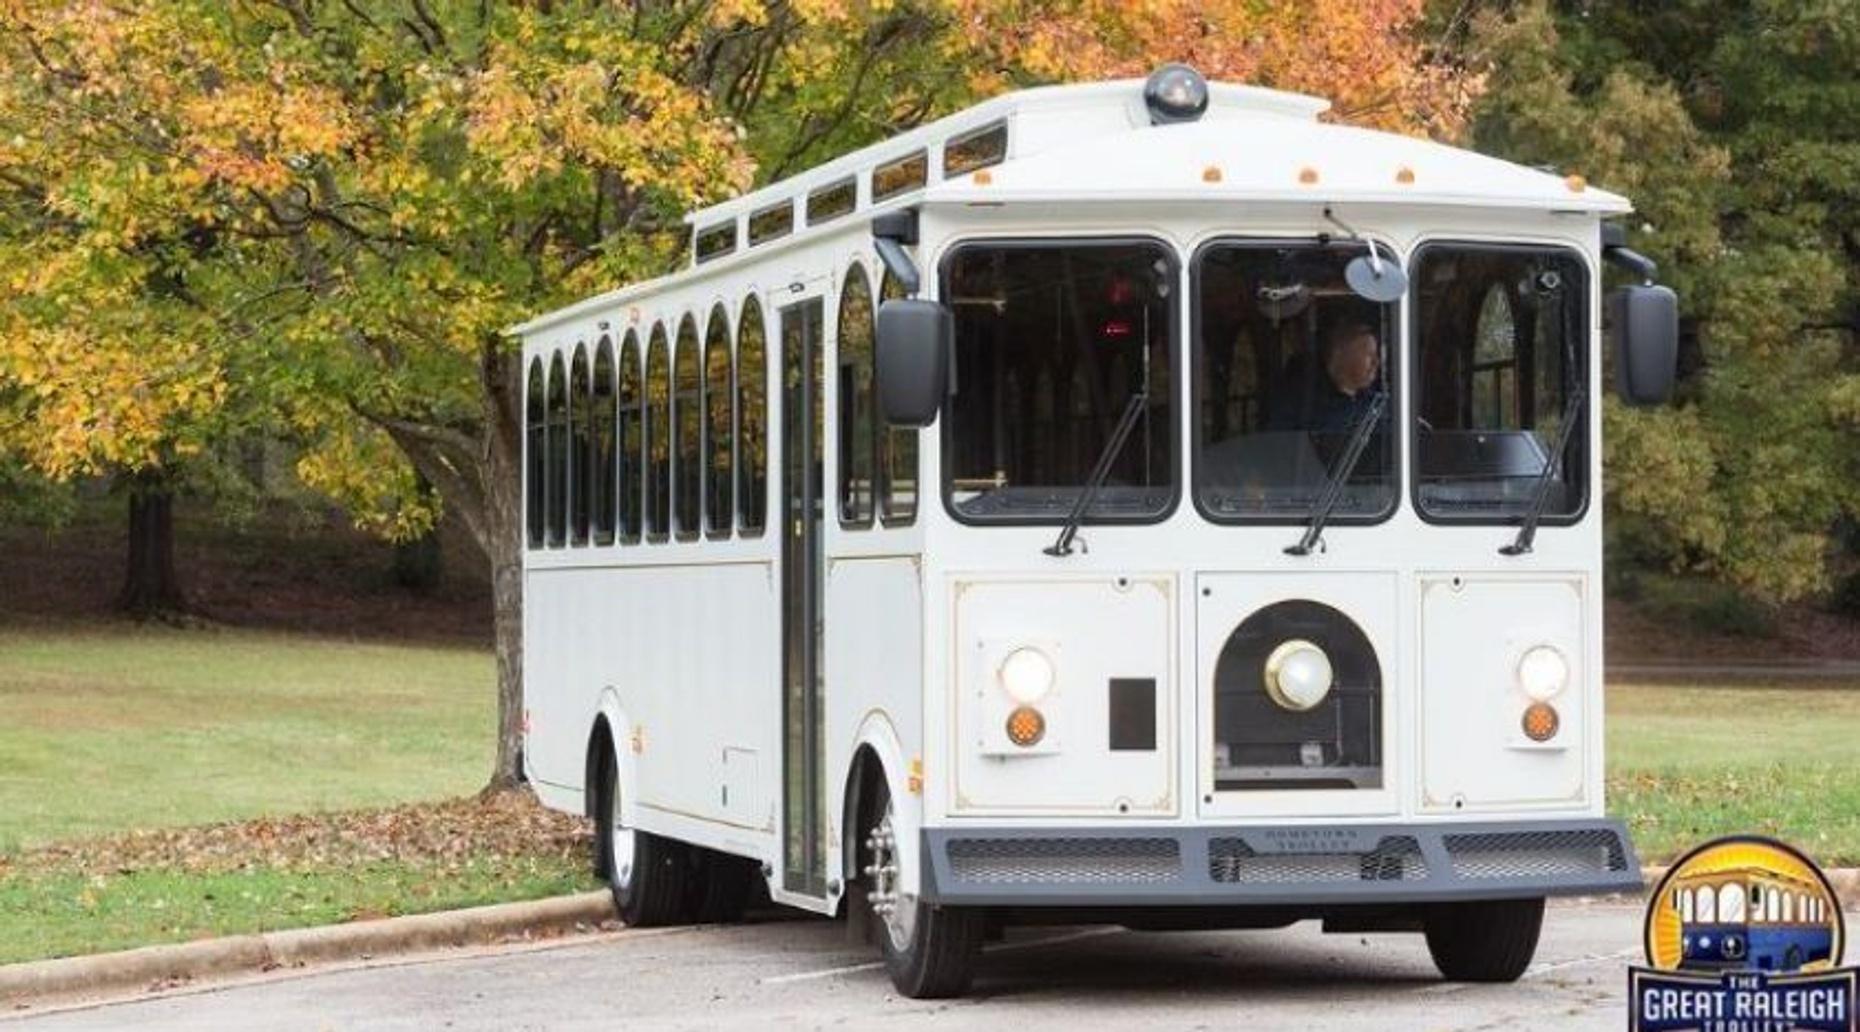 Daniel Tiger Express Trolley Tour